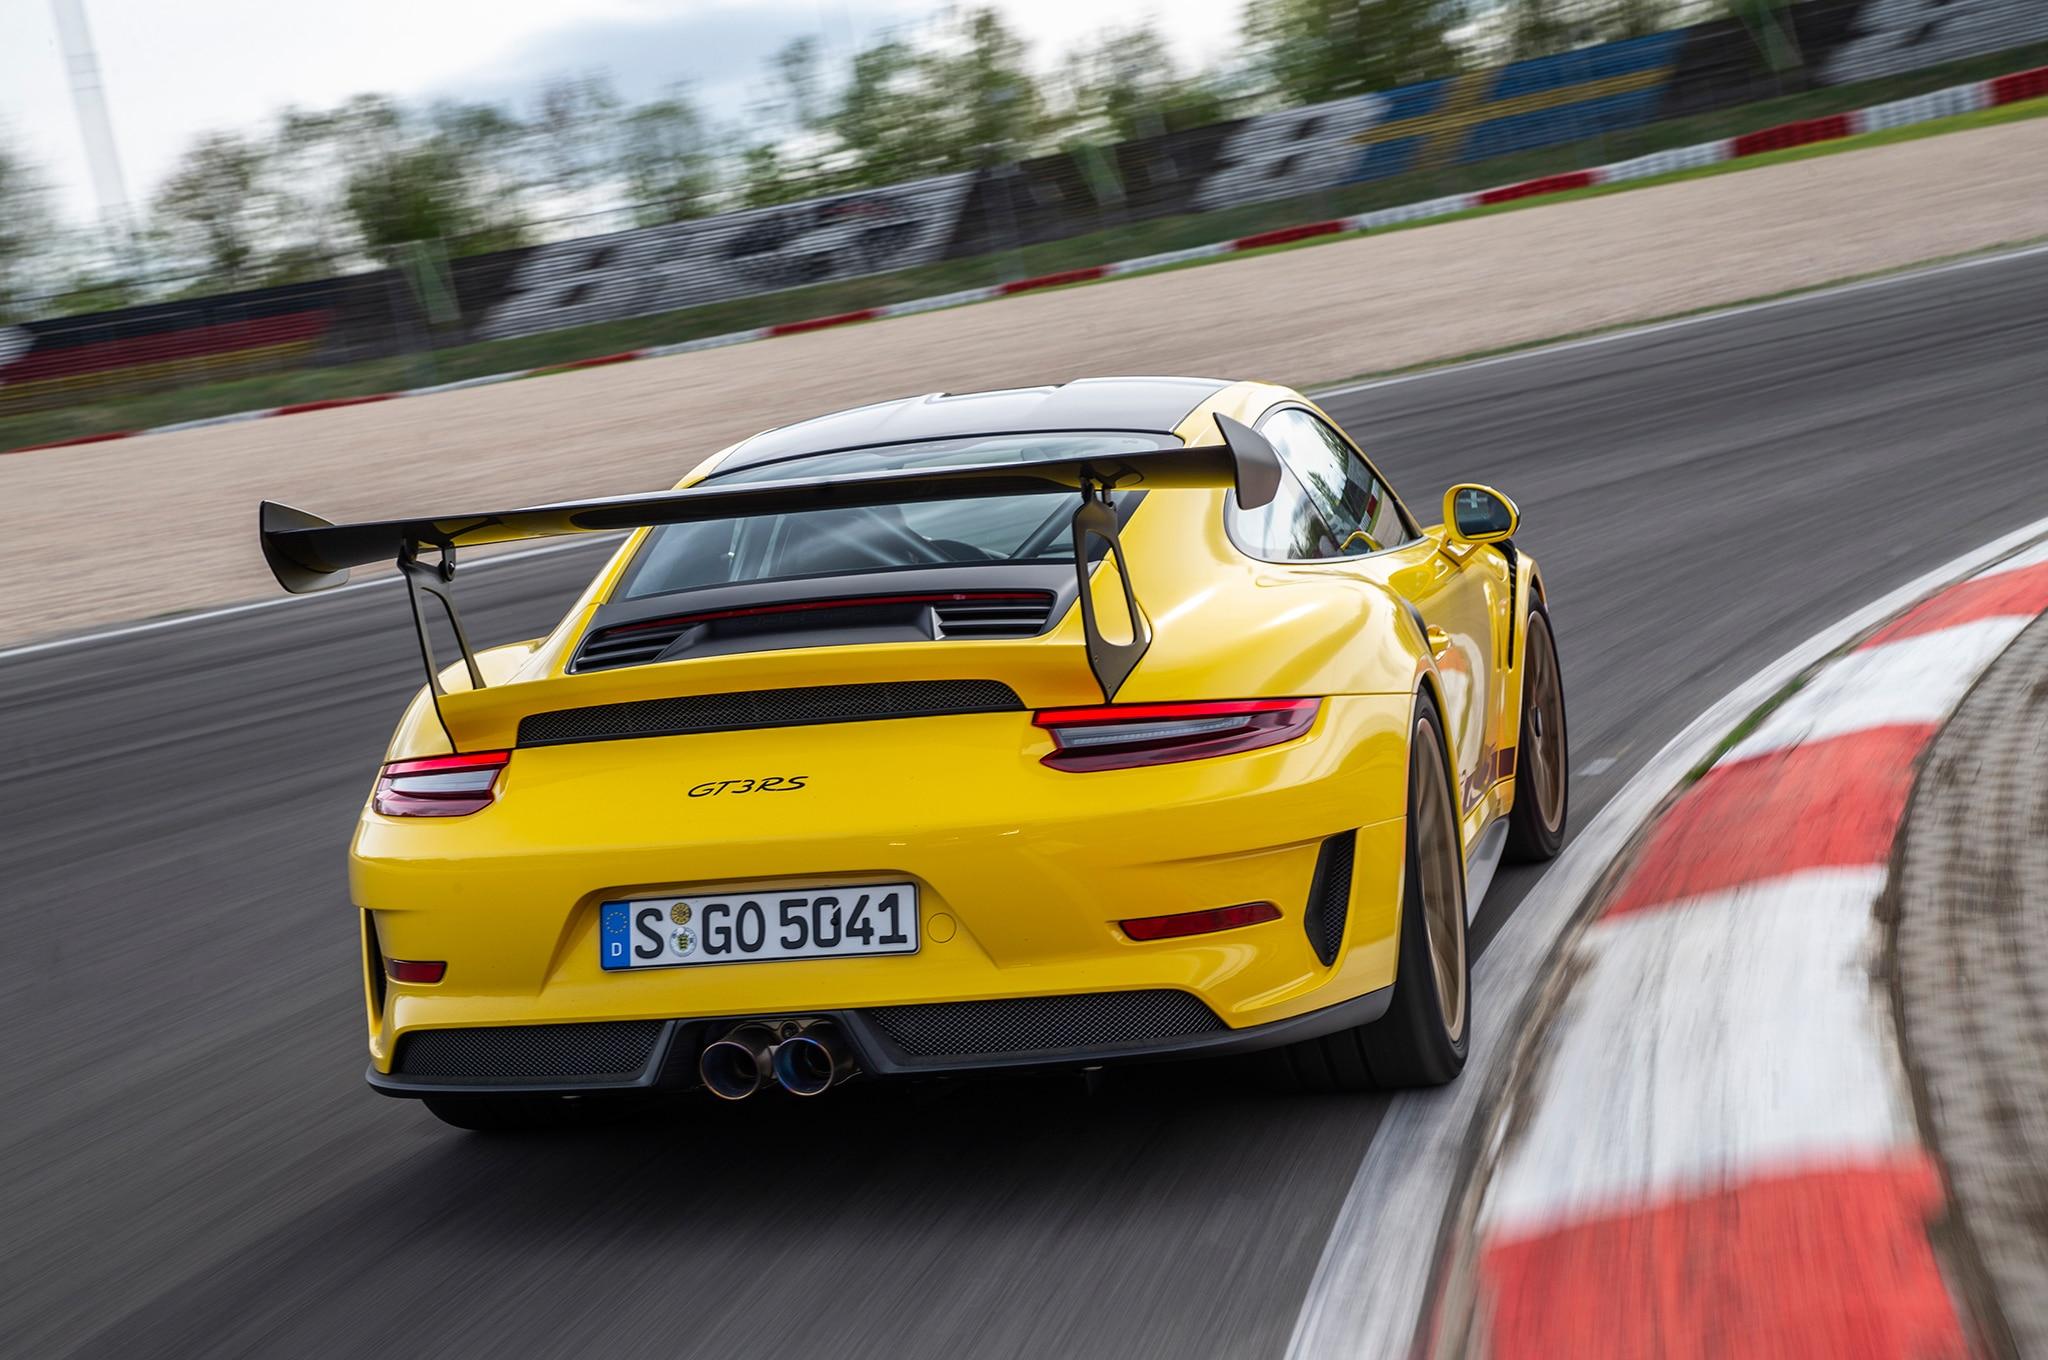 2019 Porsche 911 GT3 RS Weissach Package Rear Three Quarter In Motion 06